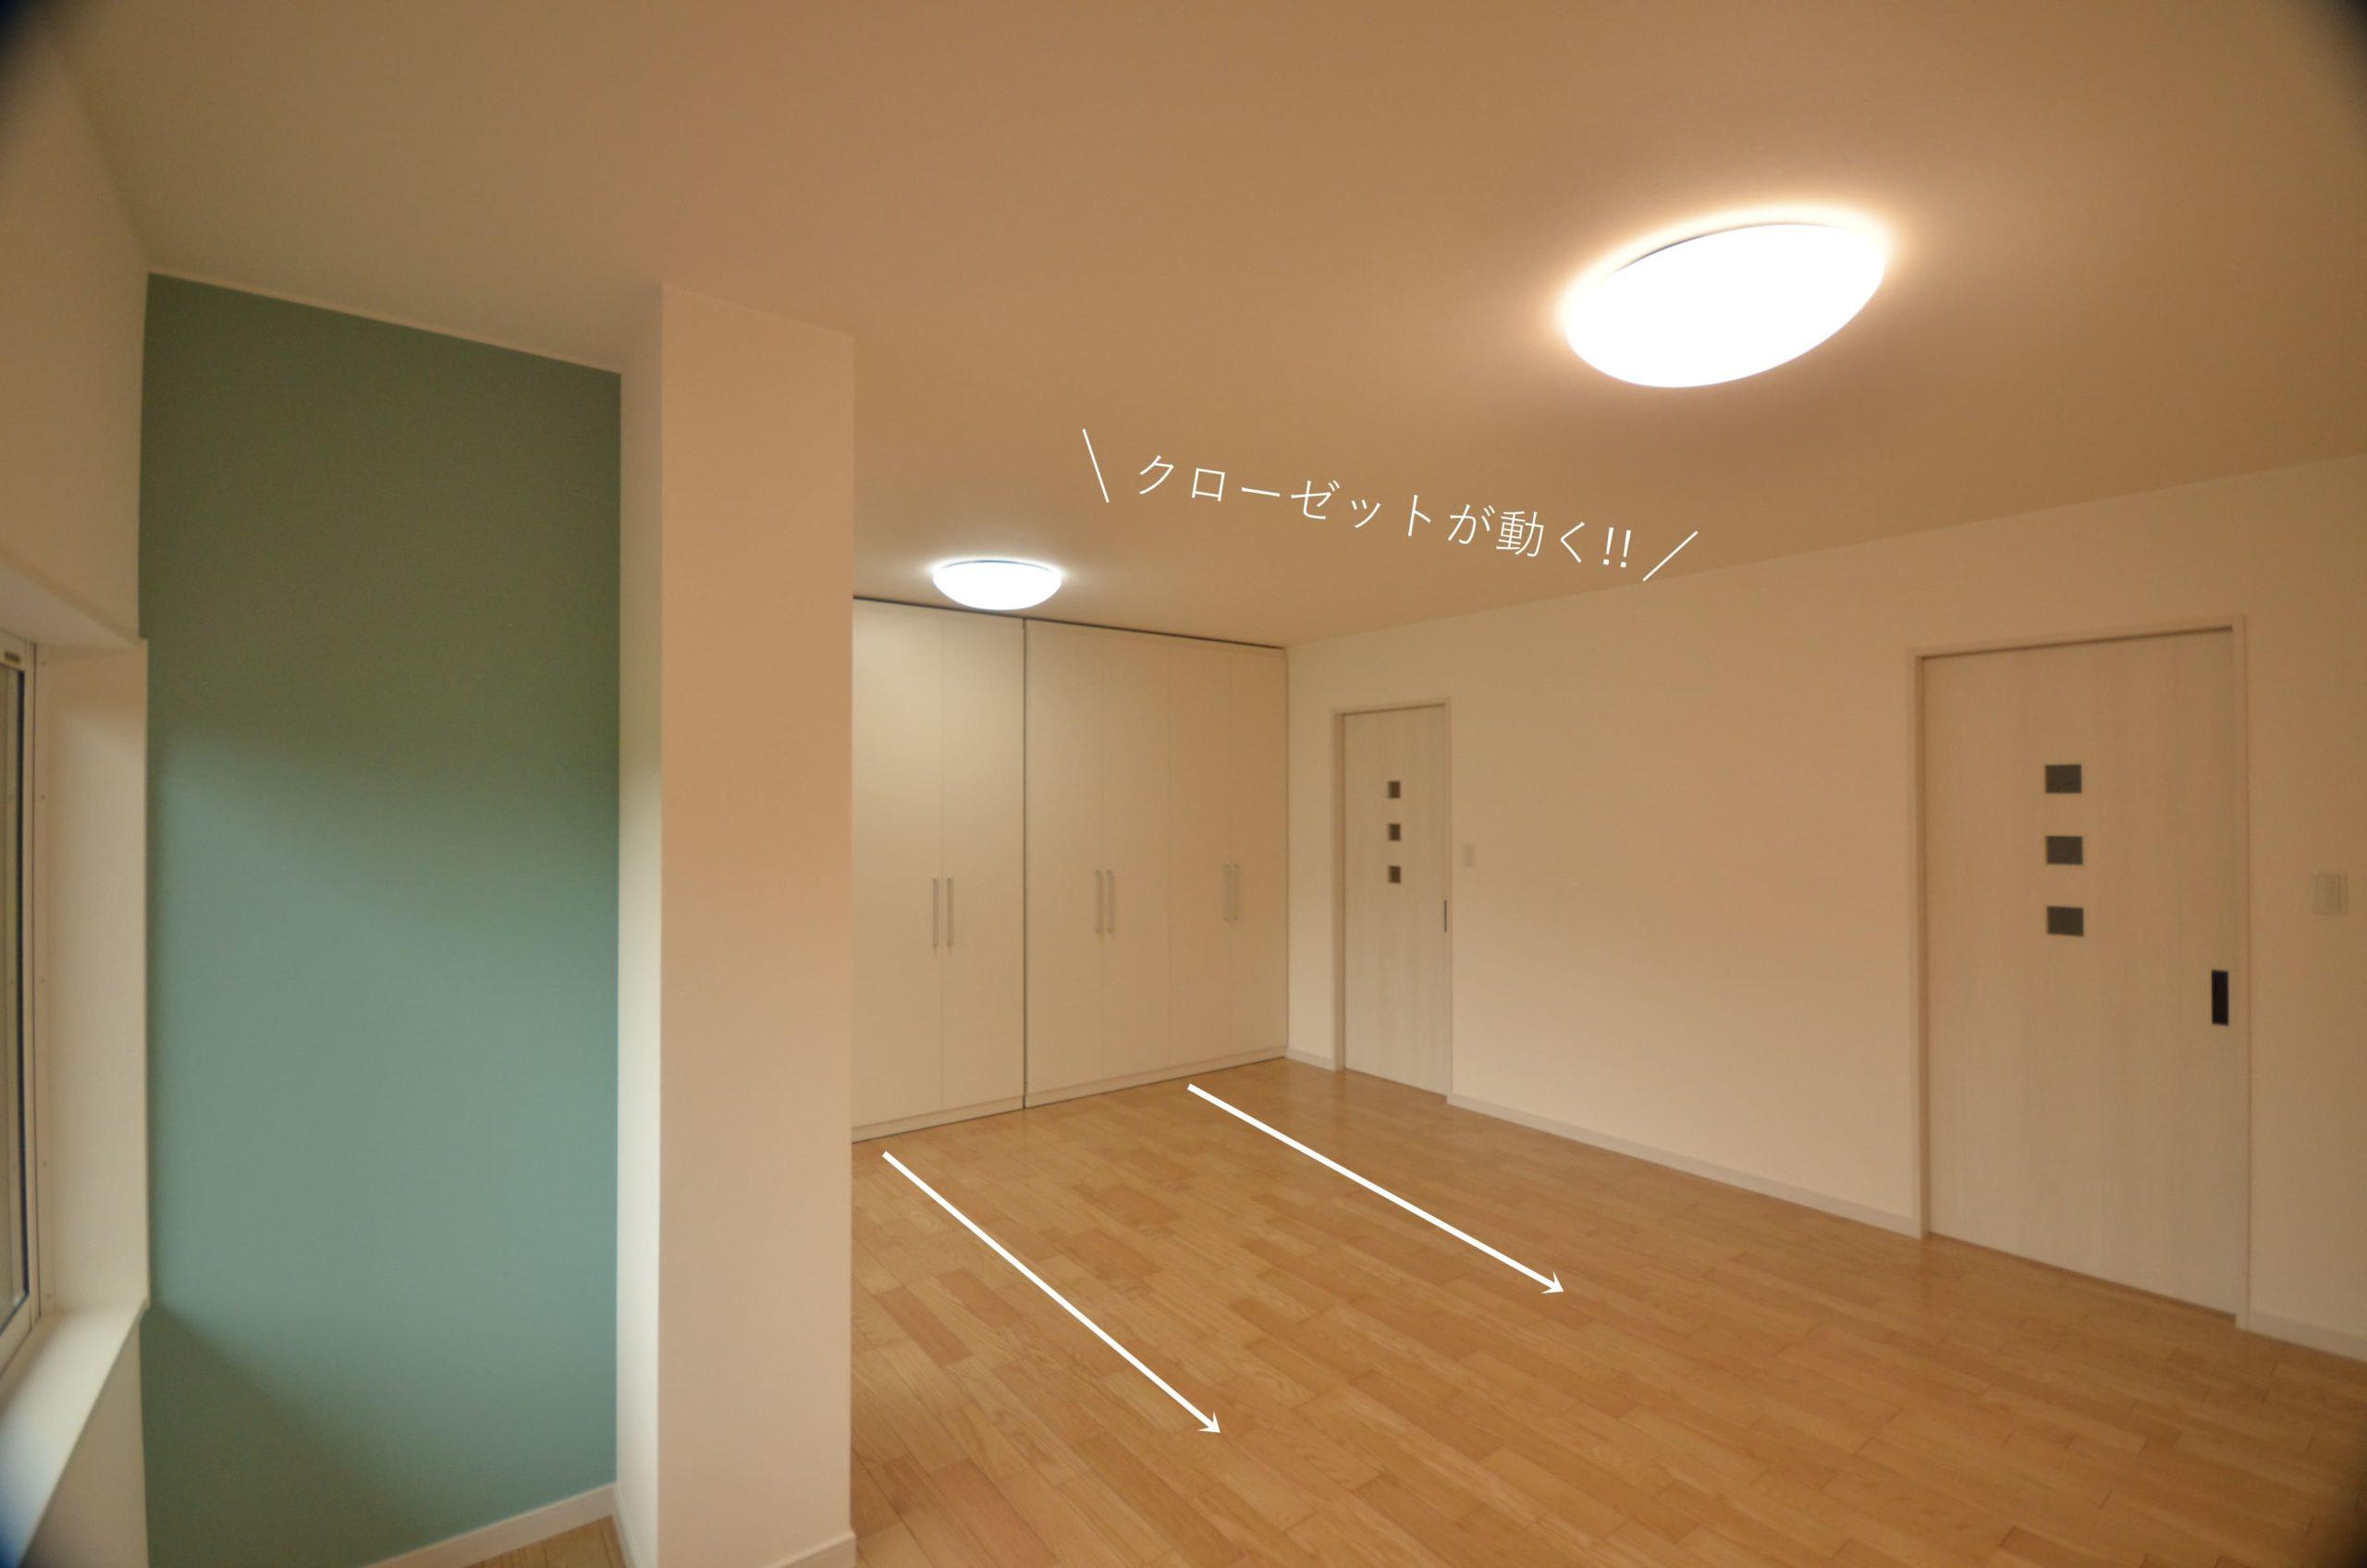 丸伊建築(有)のスライドイメージ6枚目